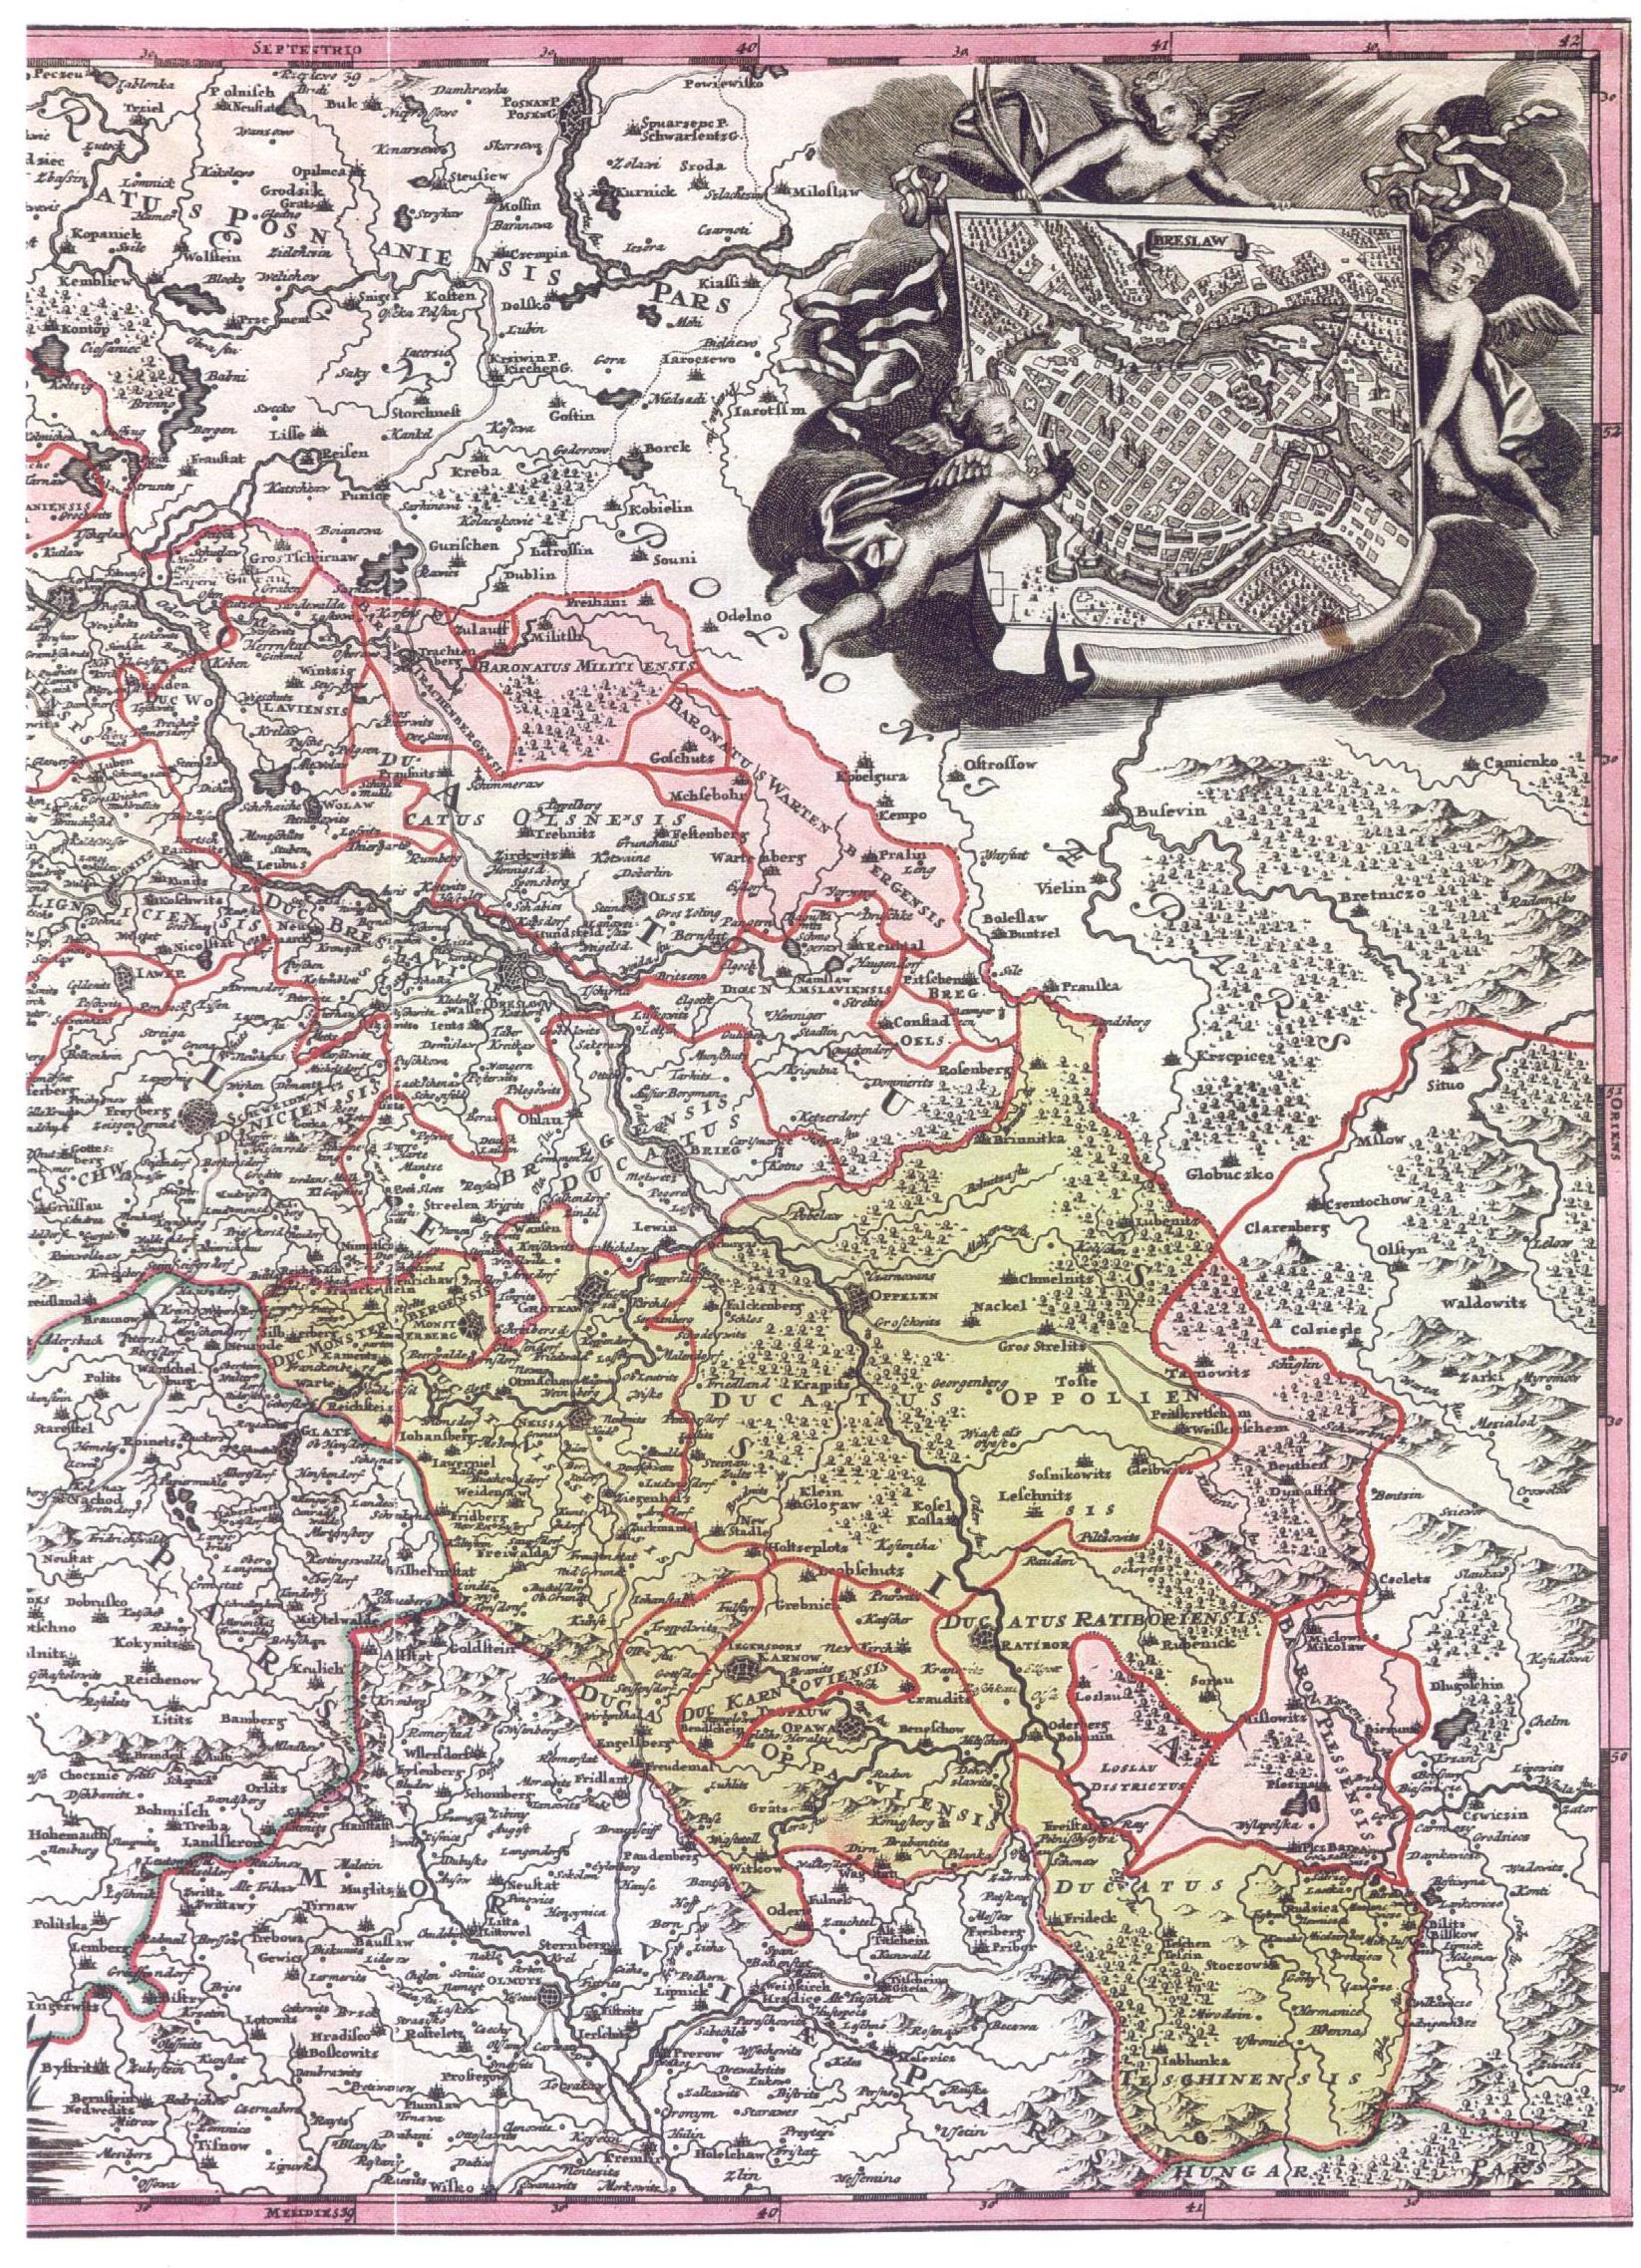 mapa_1712.jpg (1049221 bytes)